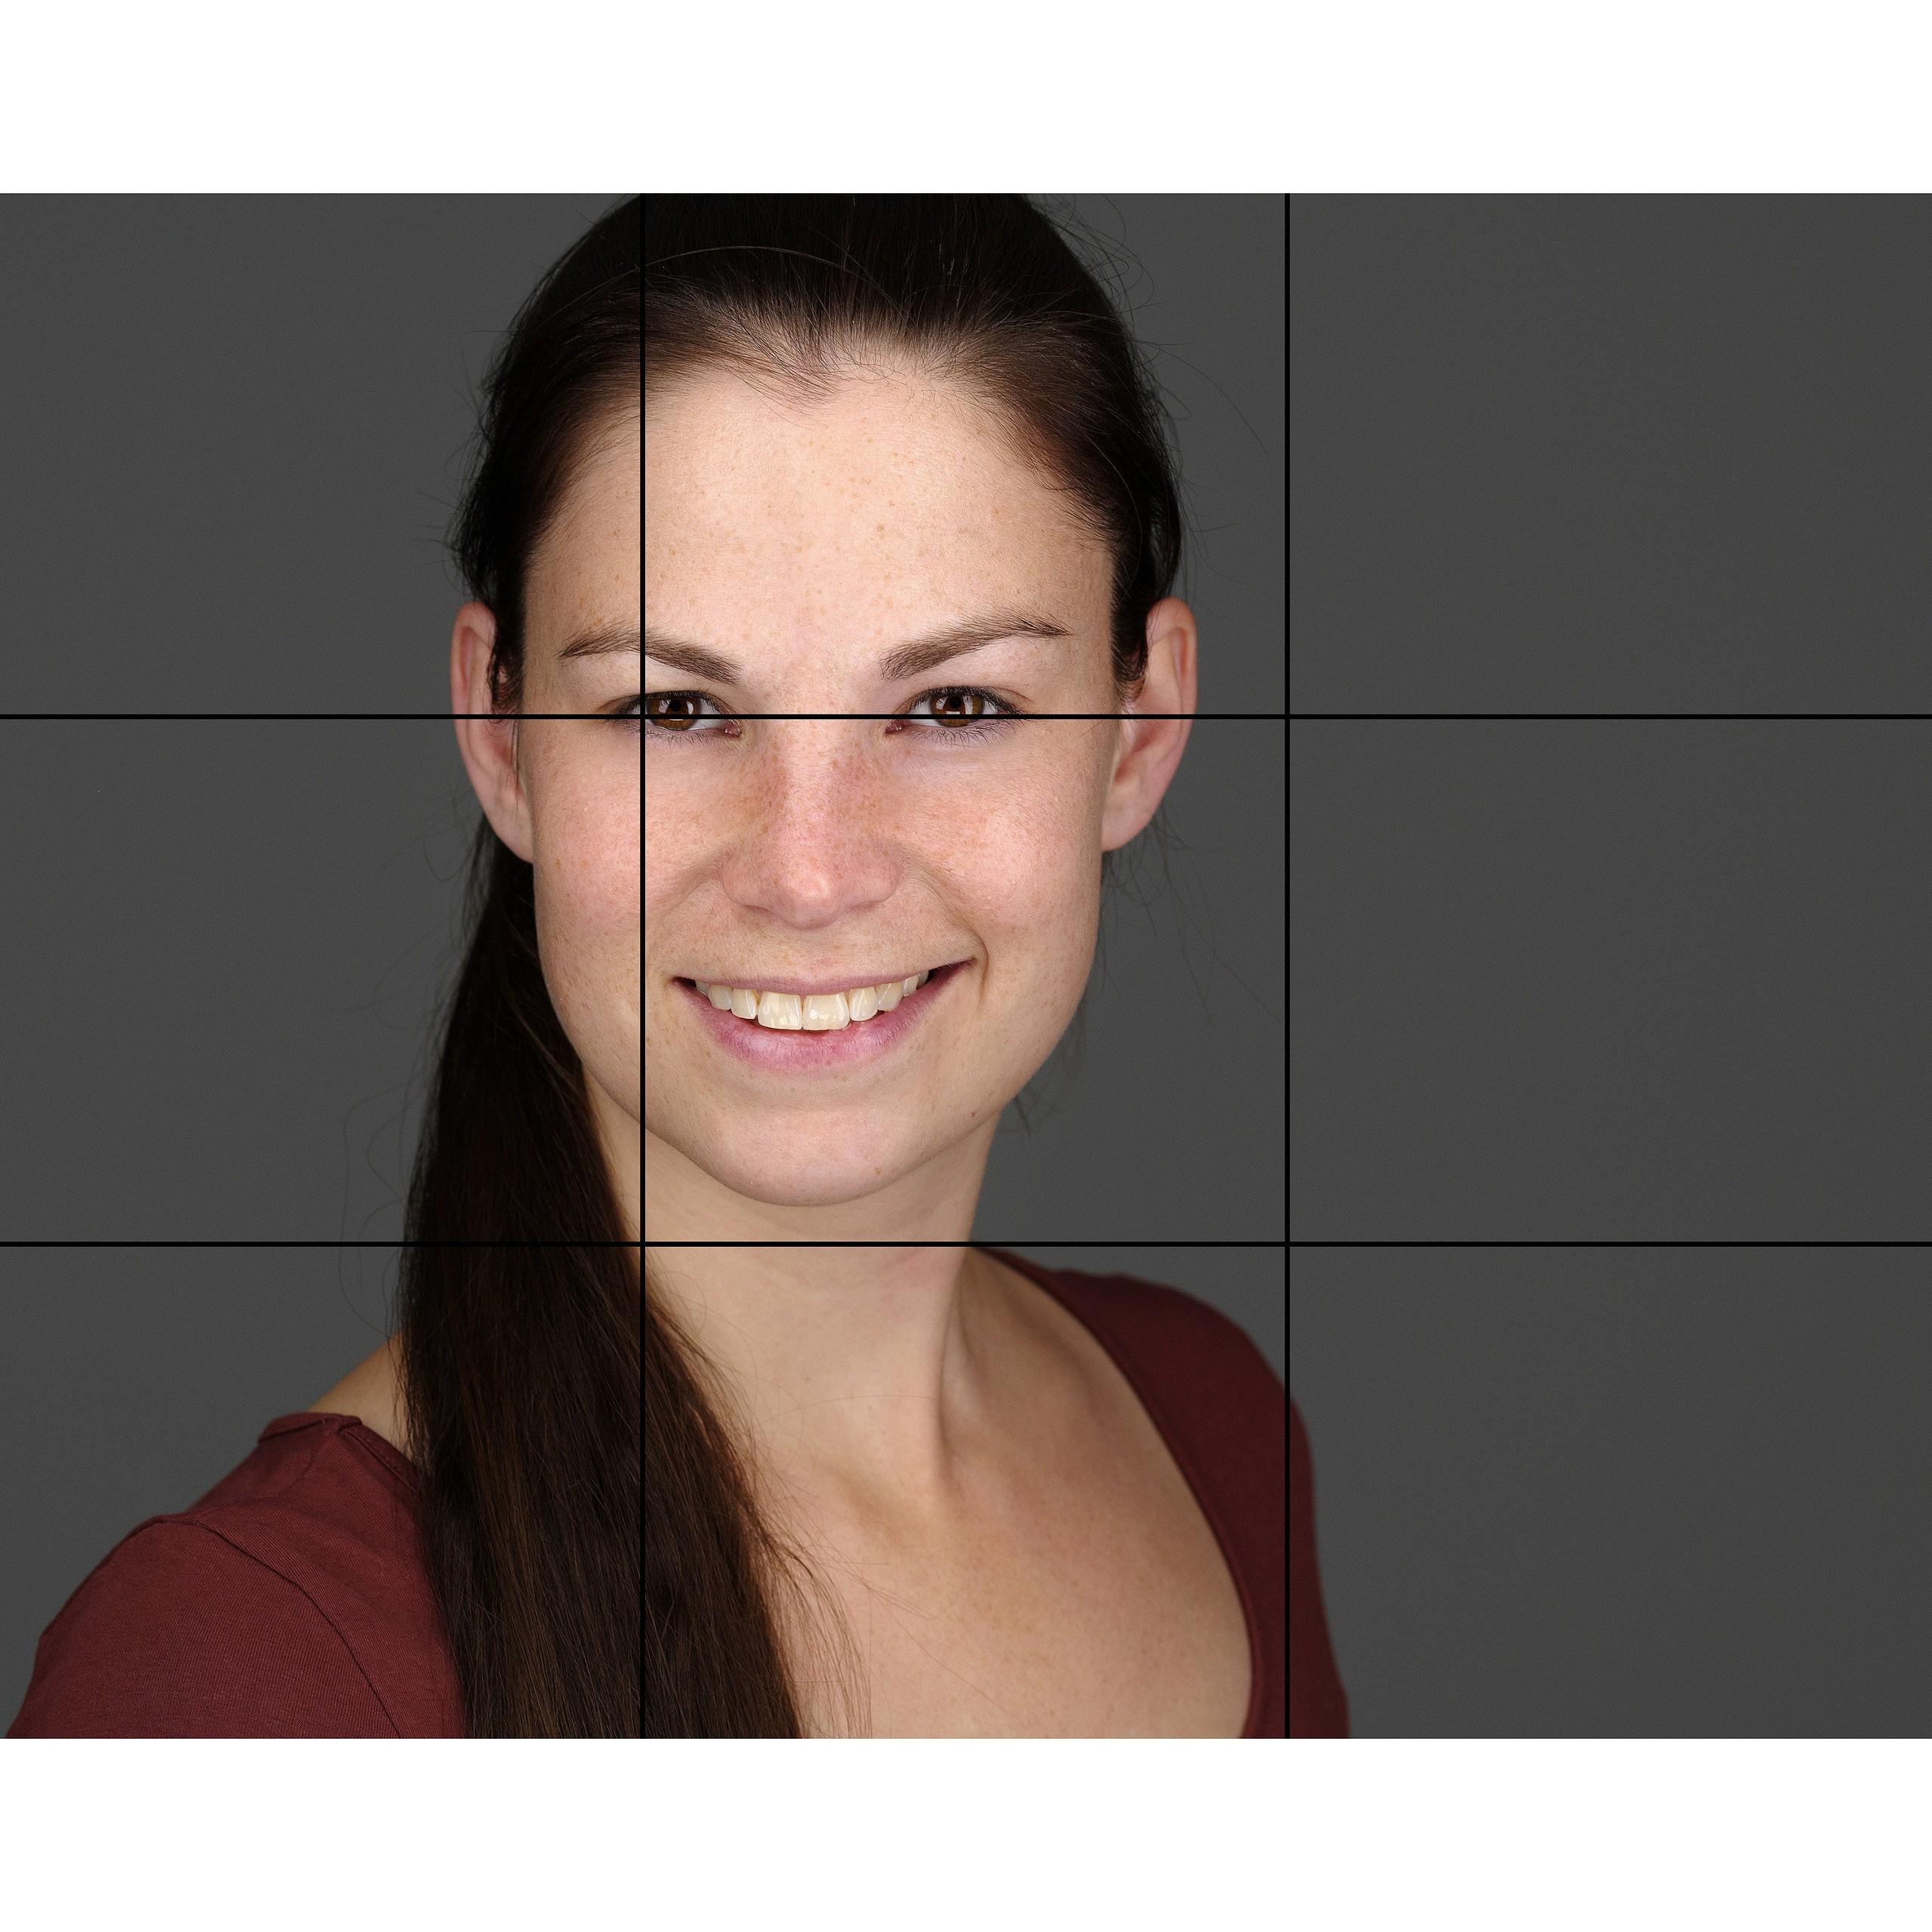 Ein hochwertiges Bewerbungsfoto Headshot Portraitfoto Frau Porträt Porträtfoto Businessfoto lächelnd vor grauem Hintergrund - KISS keep it simple